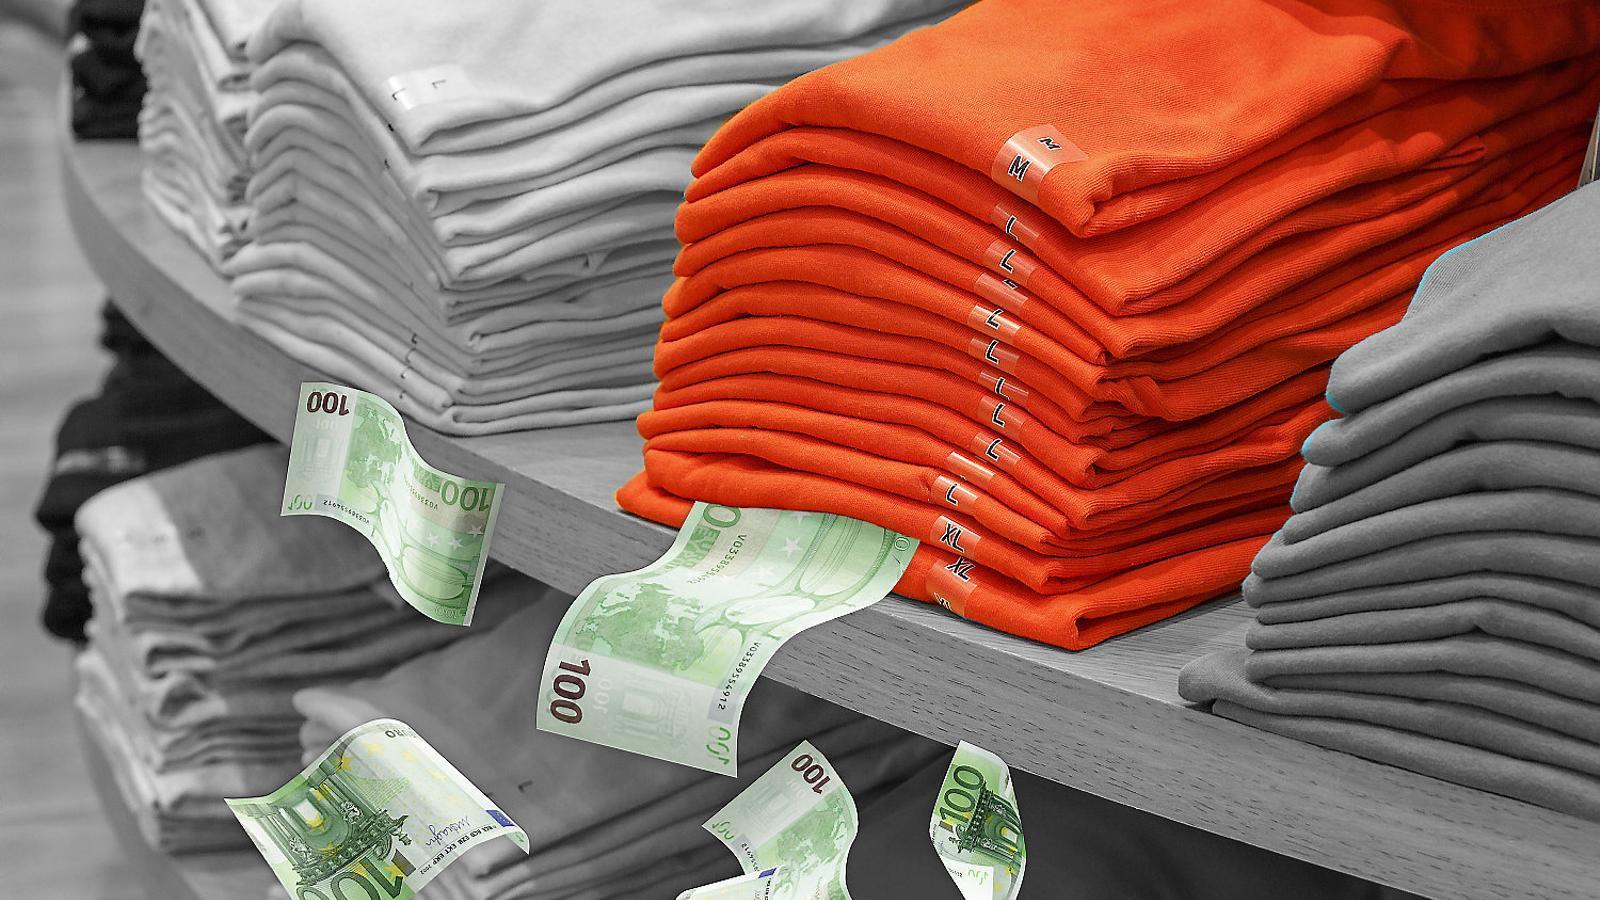 Com guanya diners Primark venent samarretes a 3 €